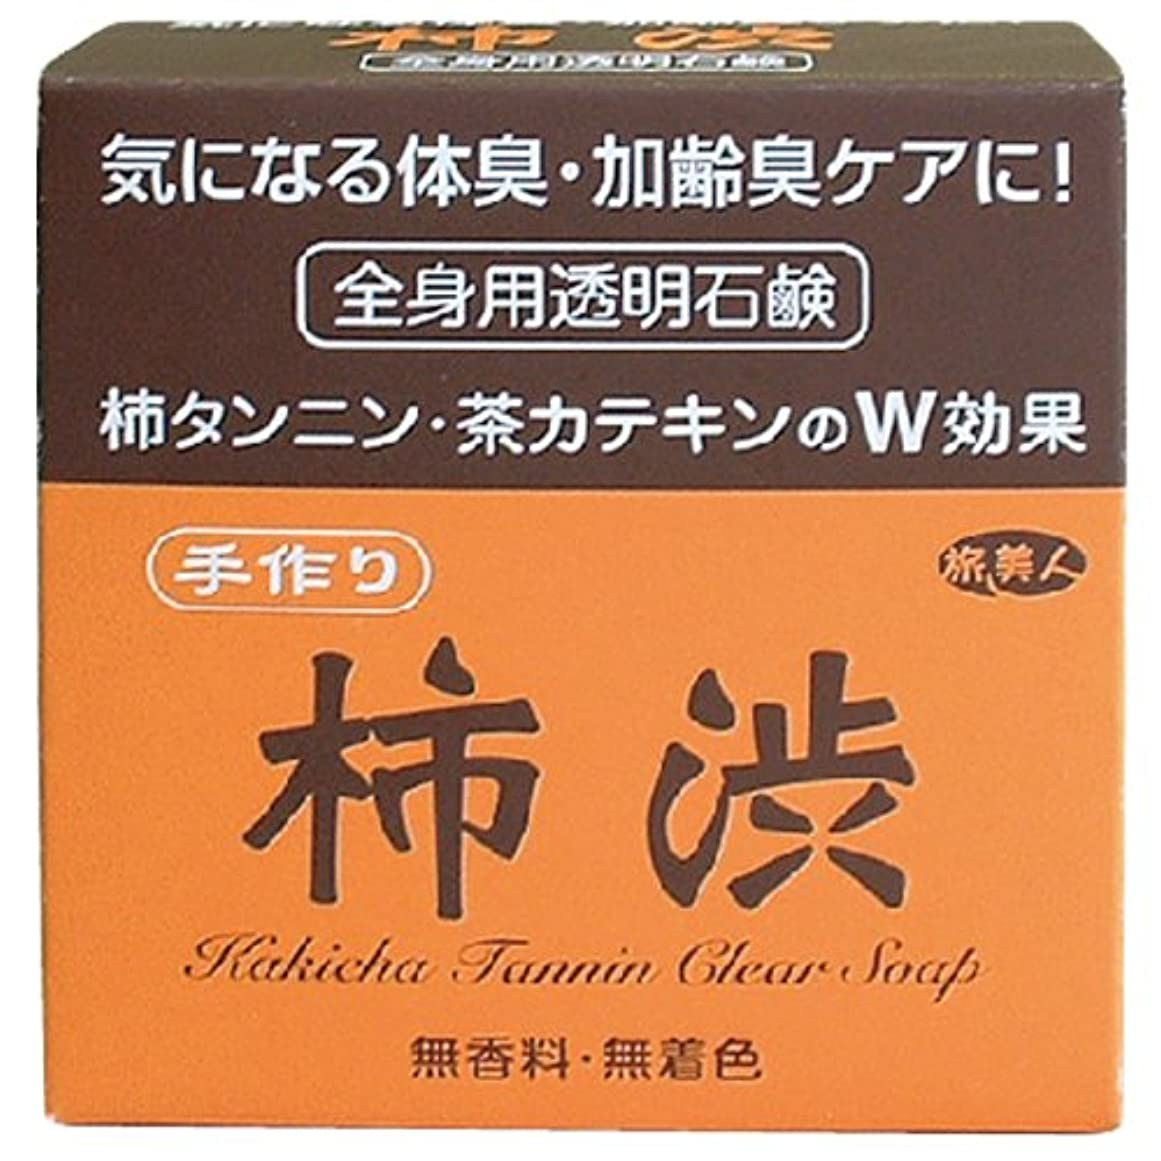 リレーりスケルトン気になる体臭?加齢臭ケアに アズマ商事の手作り柿渋透明石鹸